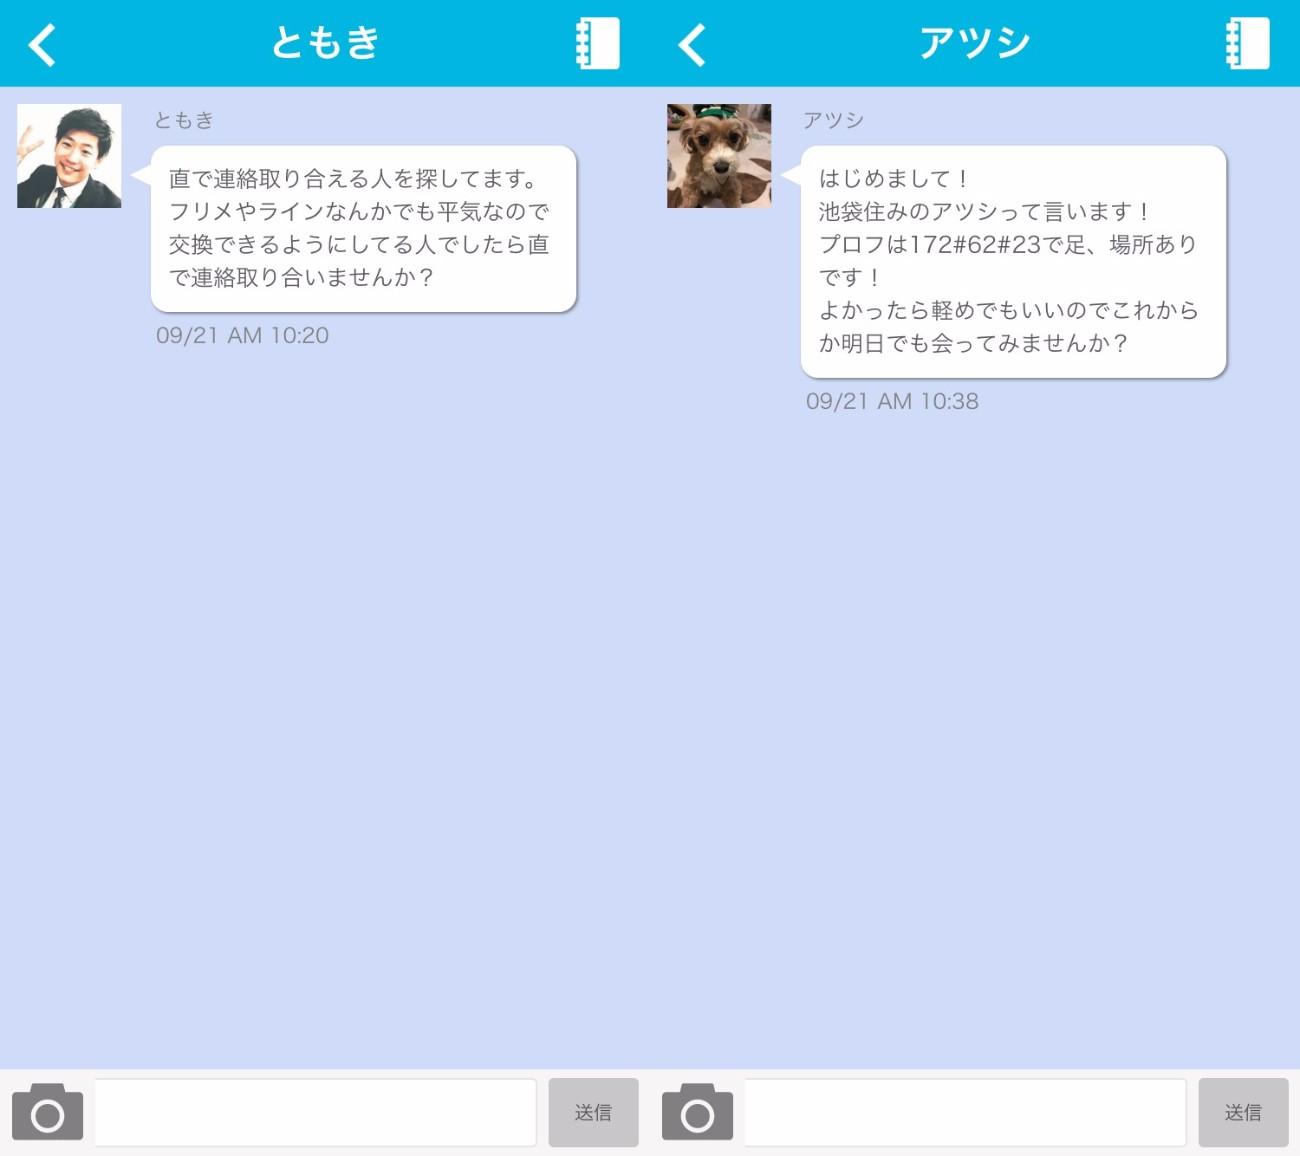 ゲイ専用サクラ出会い系アプリ「虹色ちゃっと」サクラ